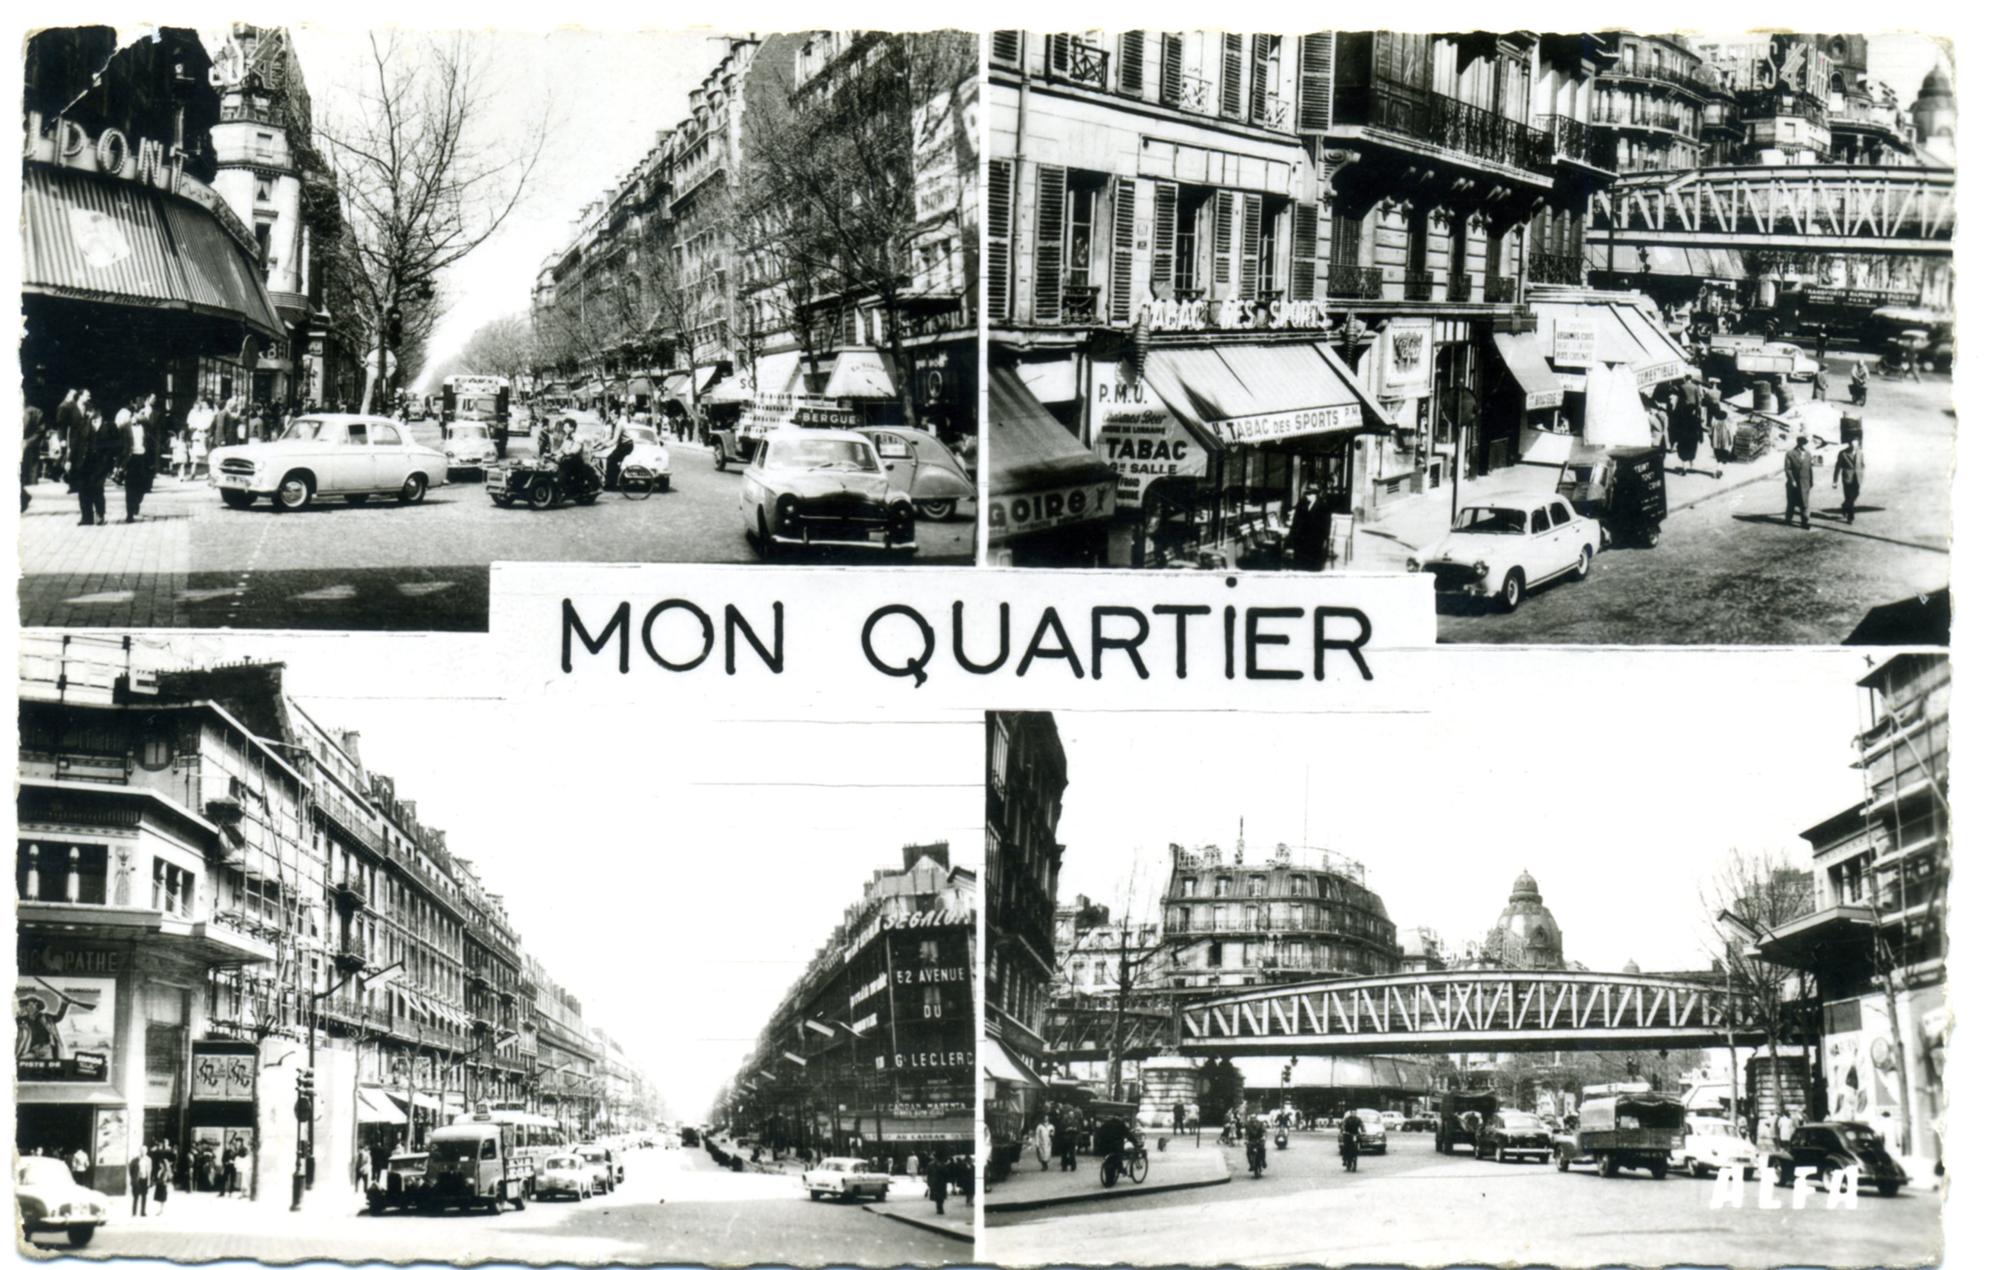 1958 : en bas à gauche : ravalement du Louxor